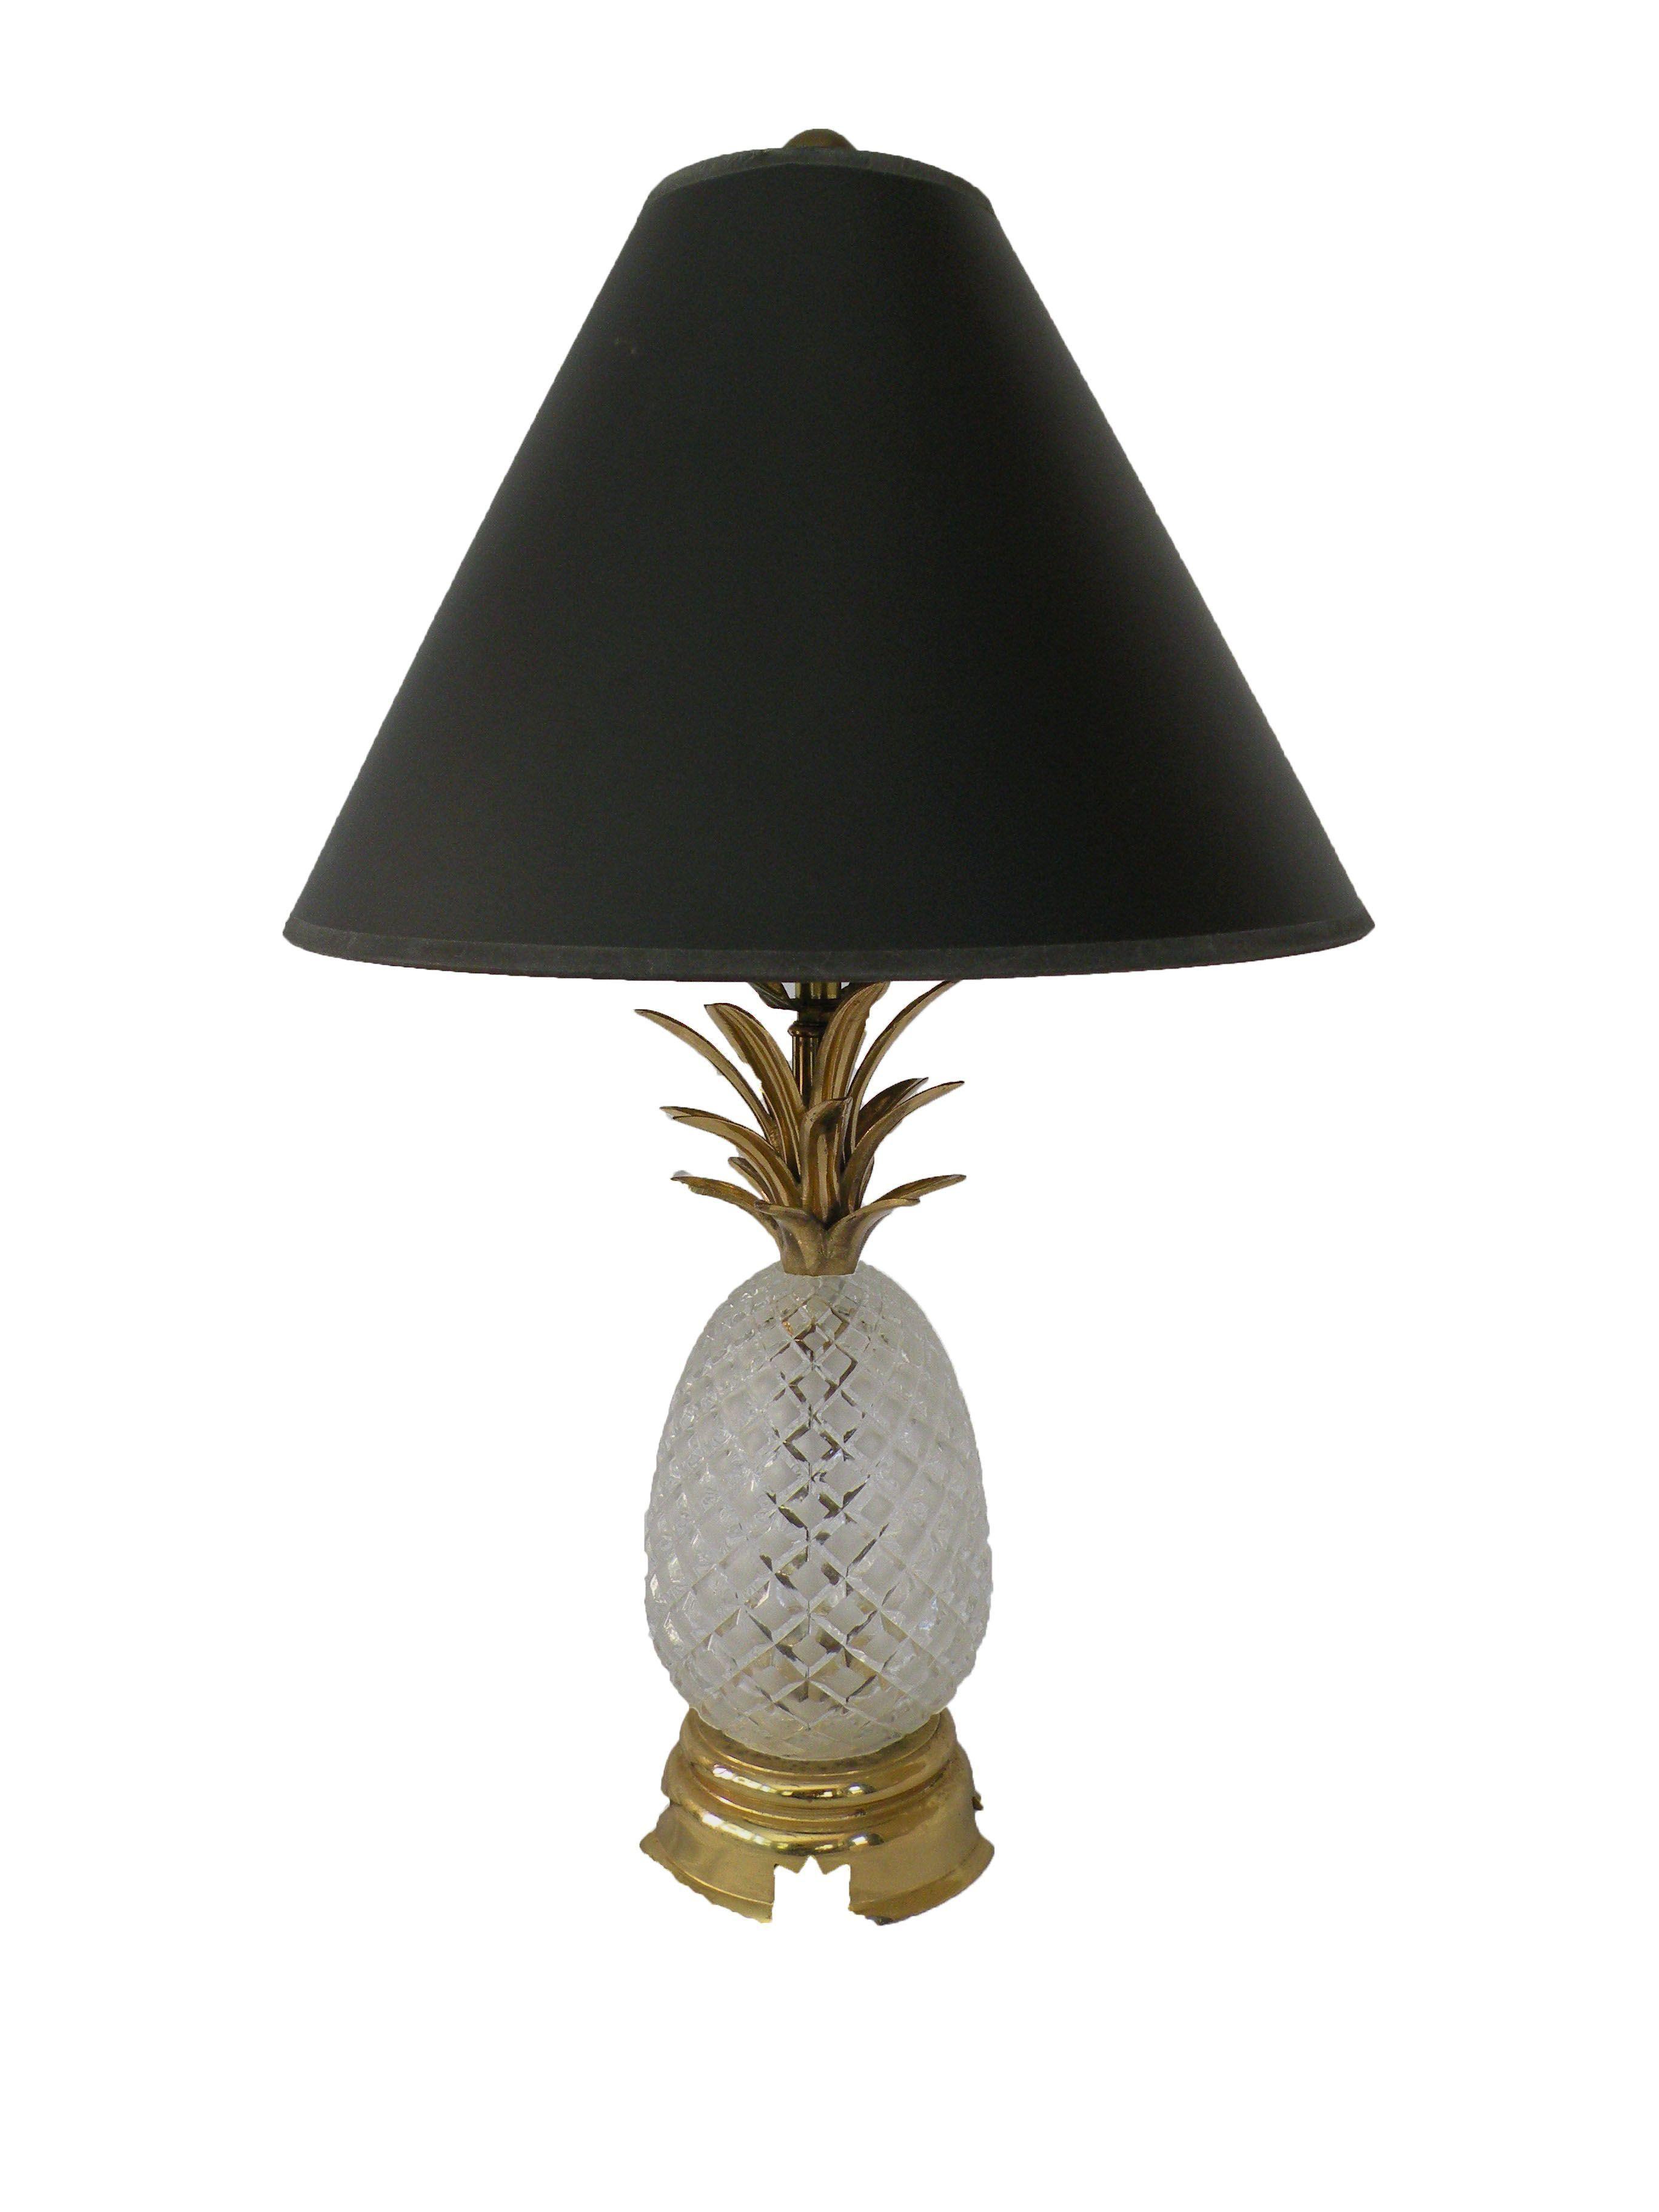 Vintage Crystal Pineapple Table Lamp On Chairish Com Pineapple